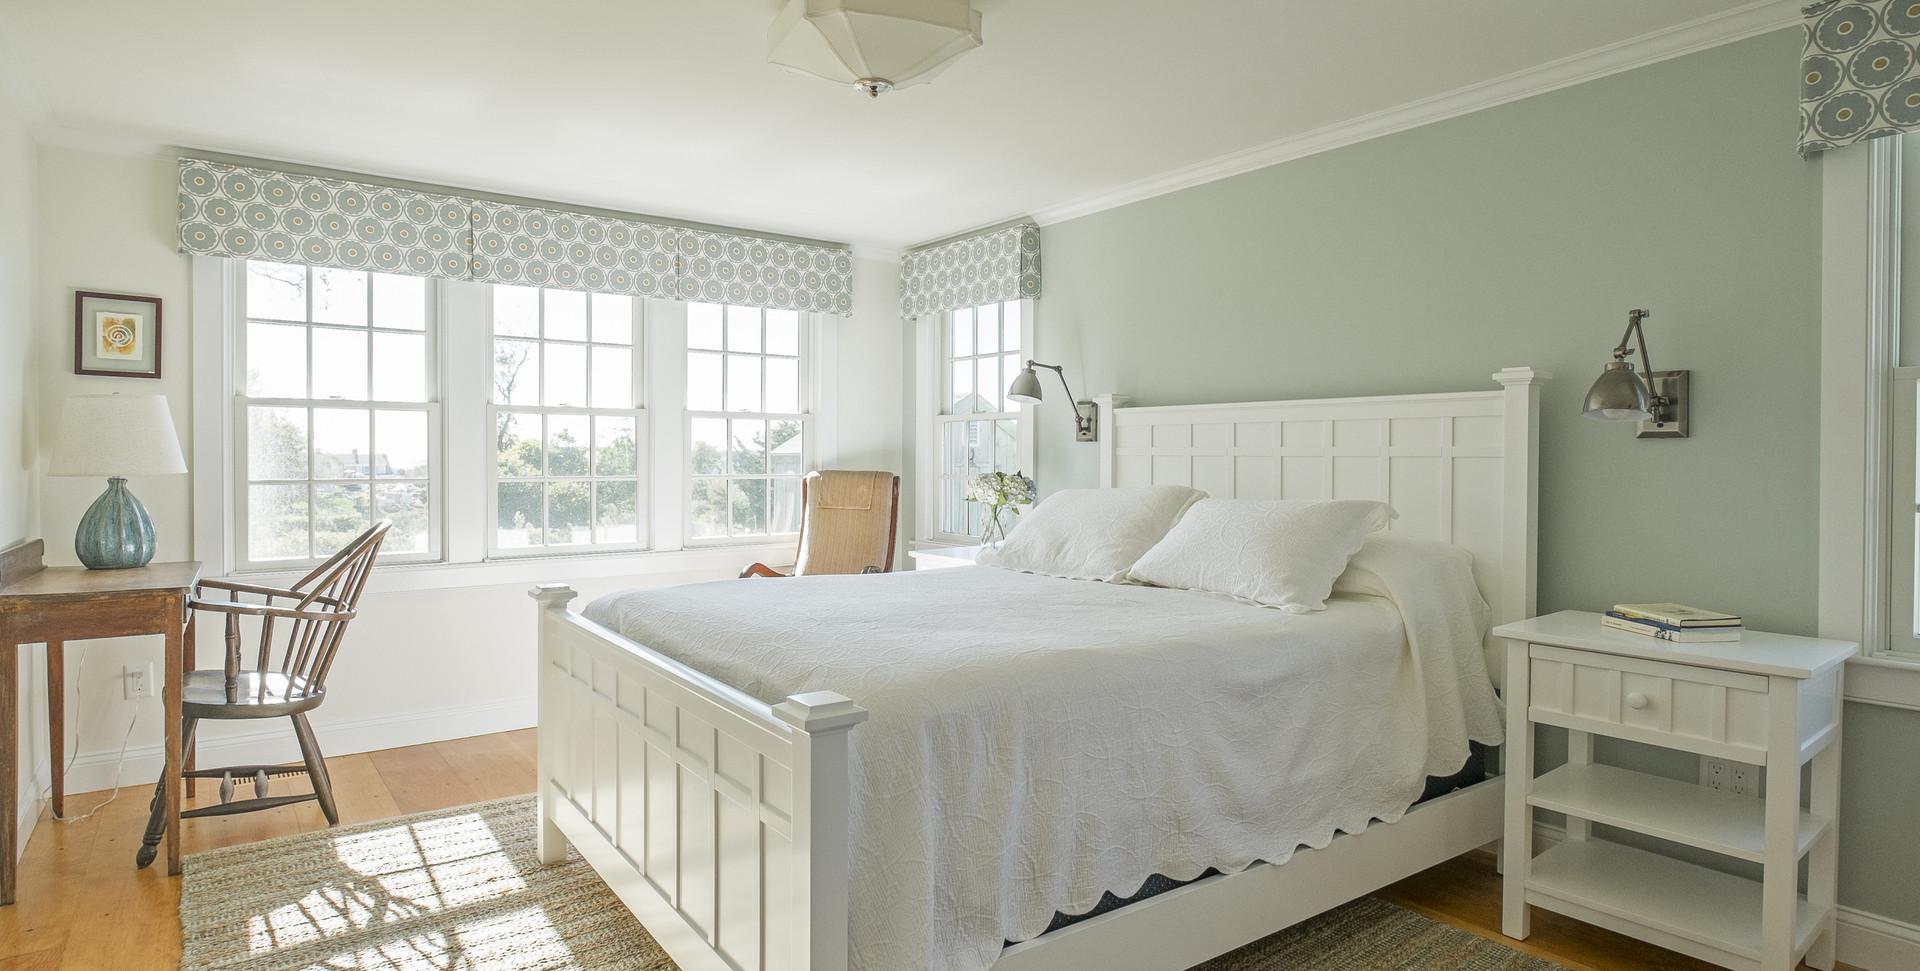 Old Village, Chatham,MA Historic Preservation Remodel, Chatham bedroom renovation